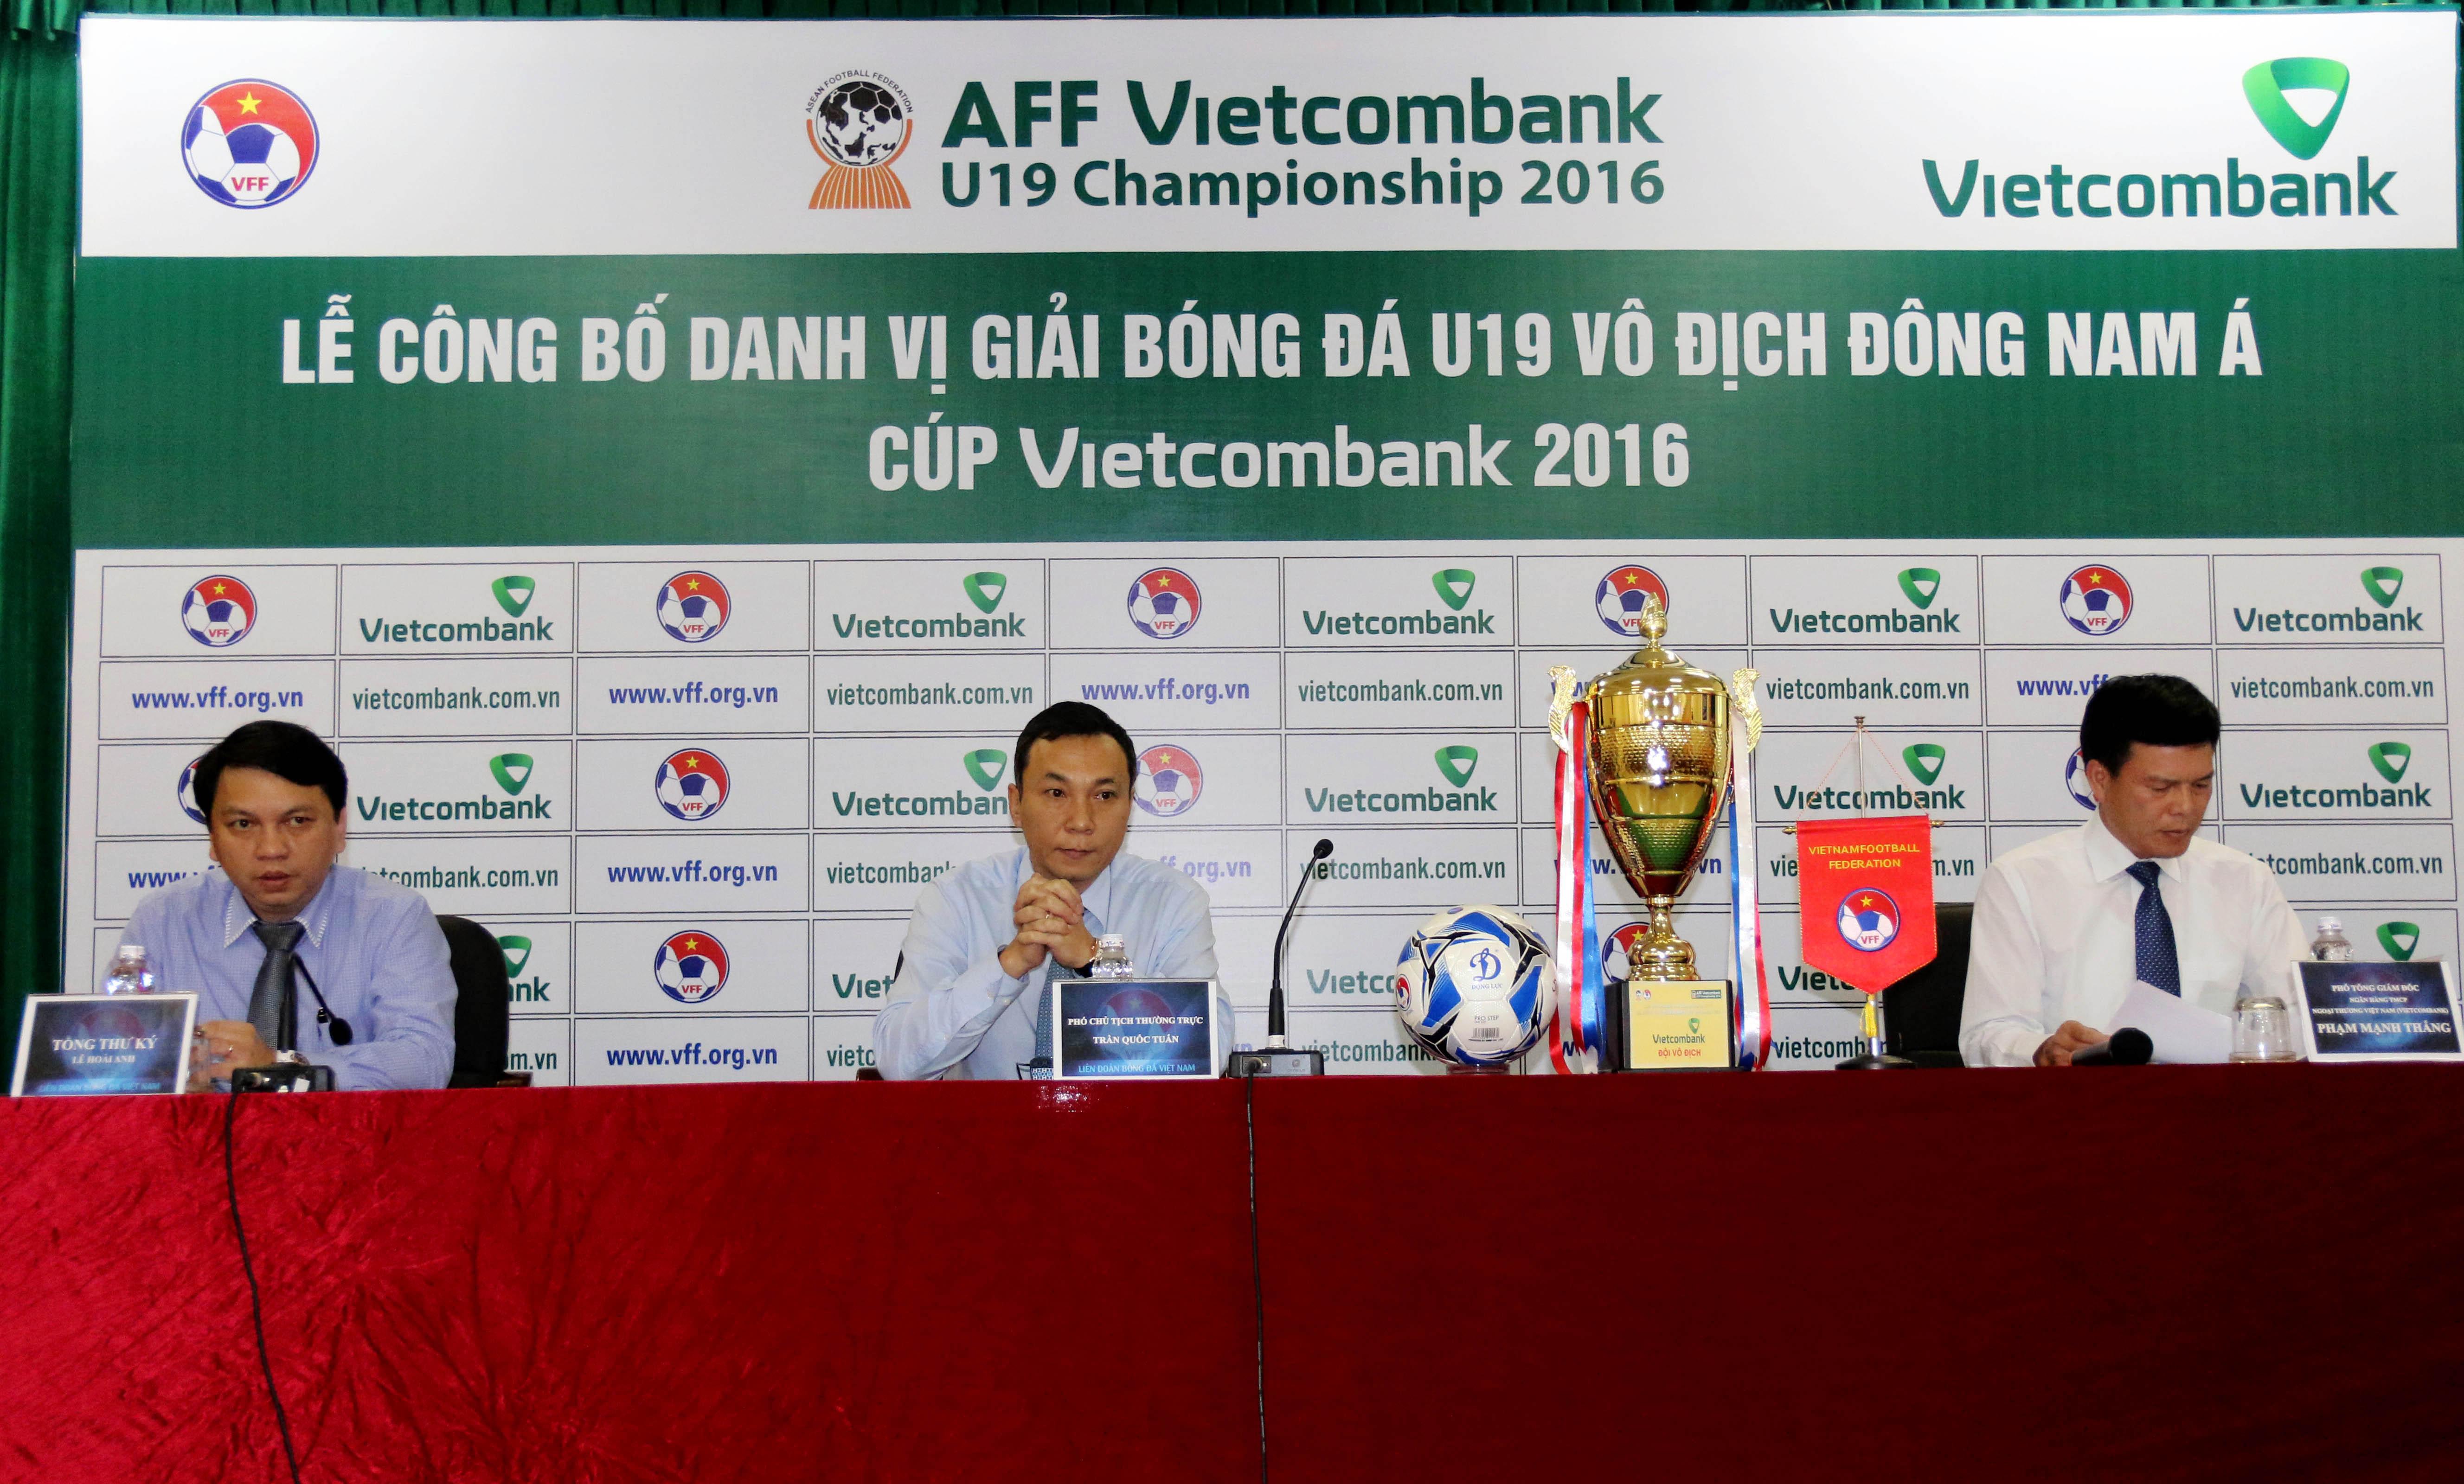 Lê công bố danh vị giải bóng đá U19 vô địch Đông Nam Á - CÚP VIETCOMBANK 2016